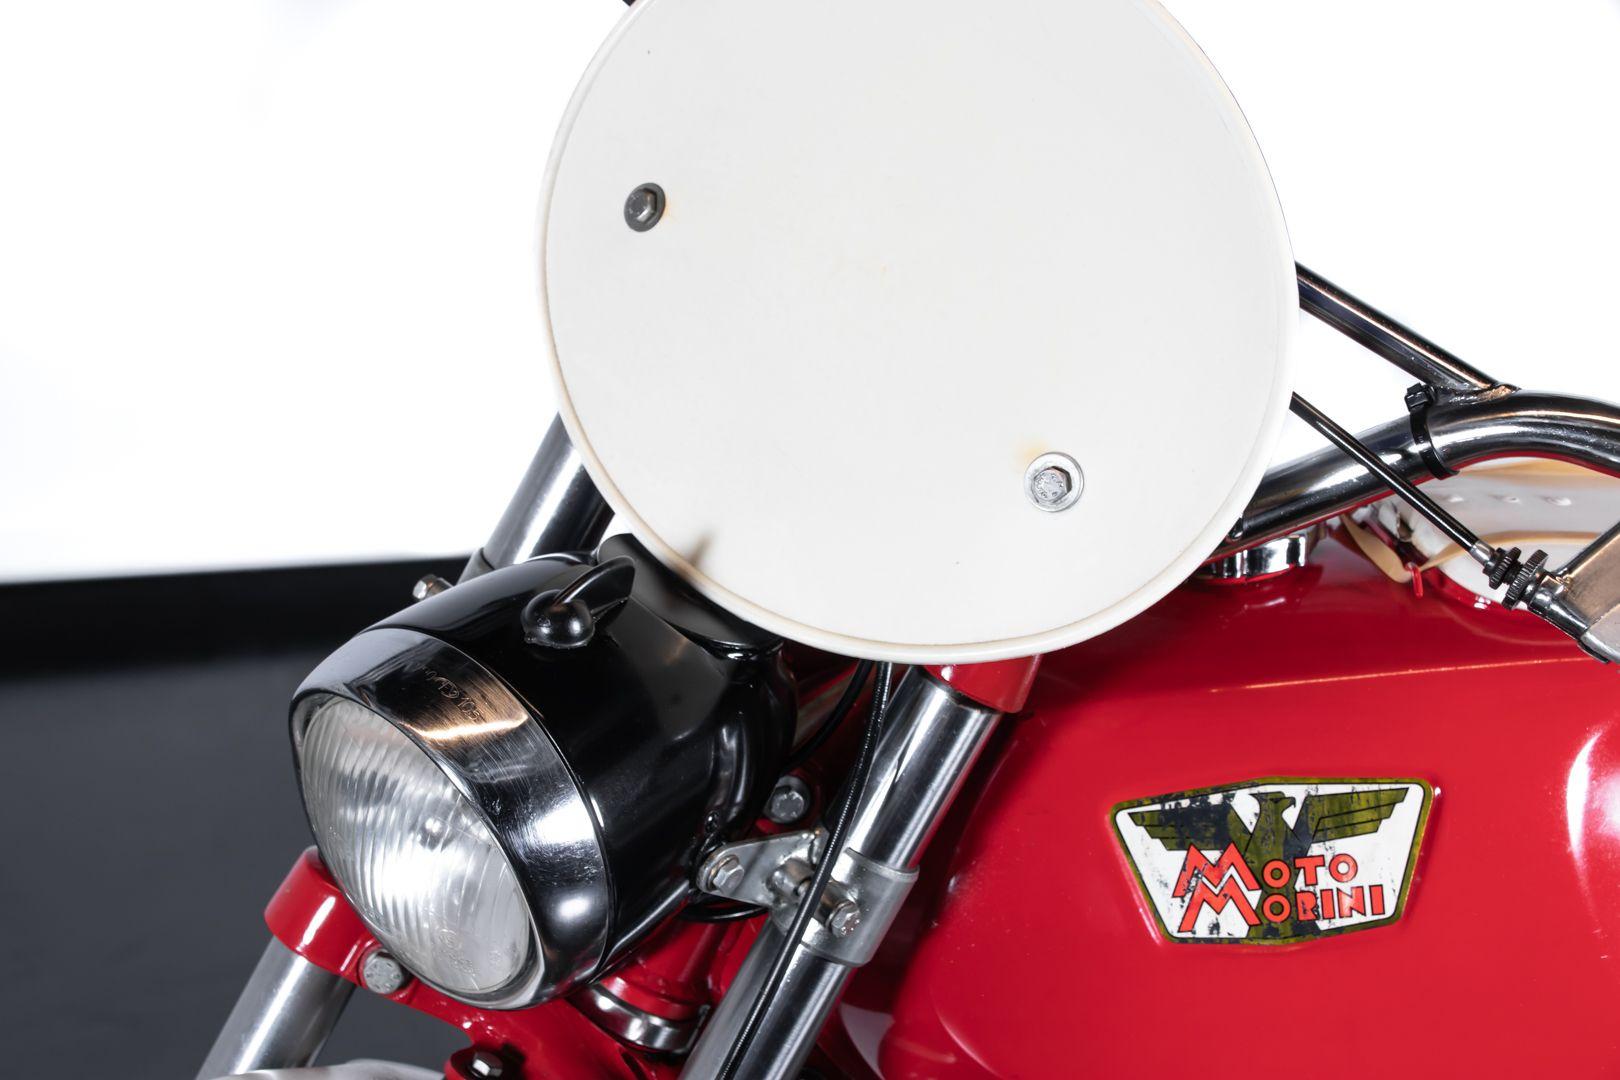 1970 Moto Morini Corsaro Regolarità 125 75913